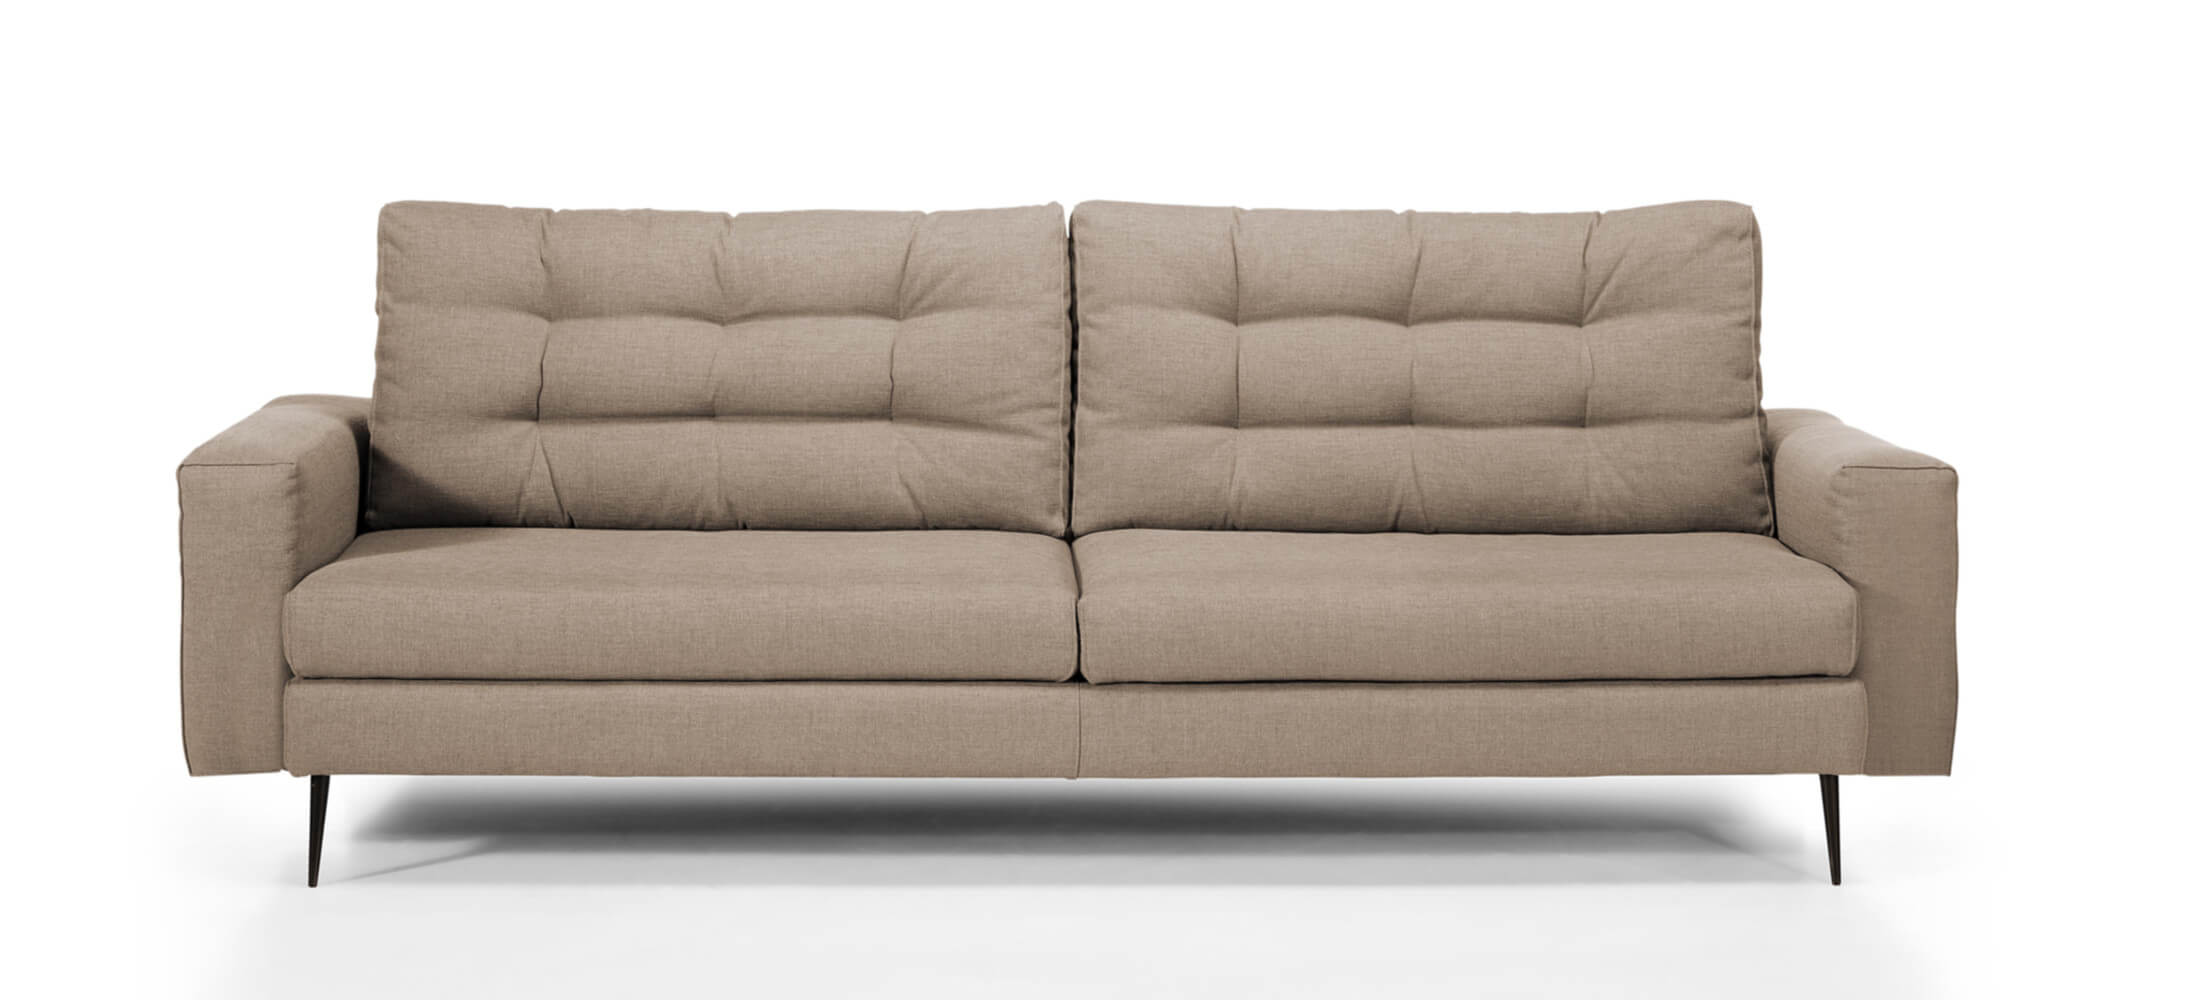 Dao sofa by Moradillo in Calvià